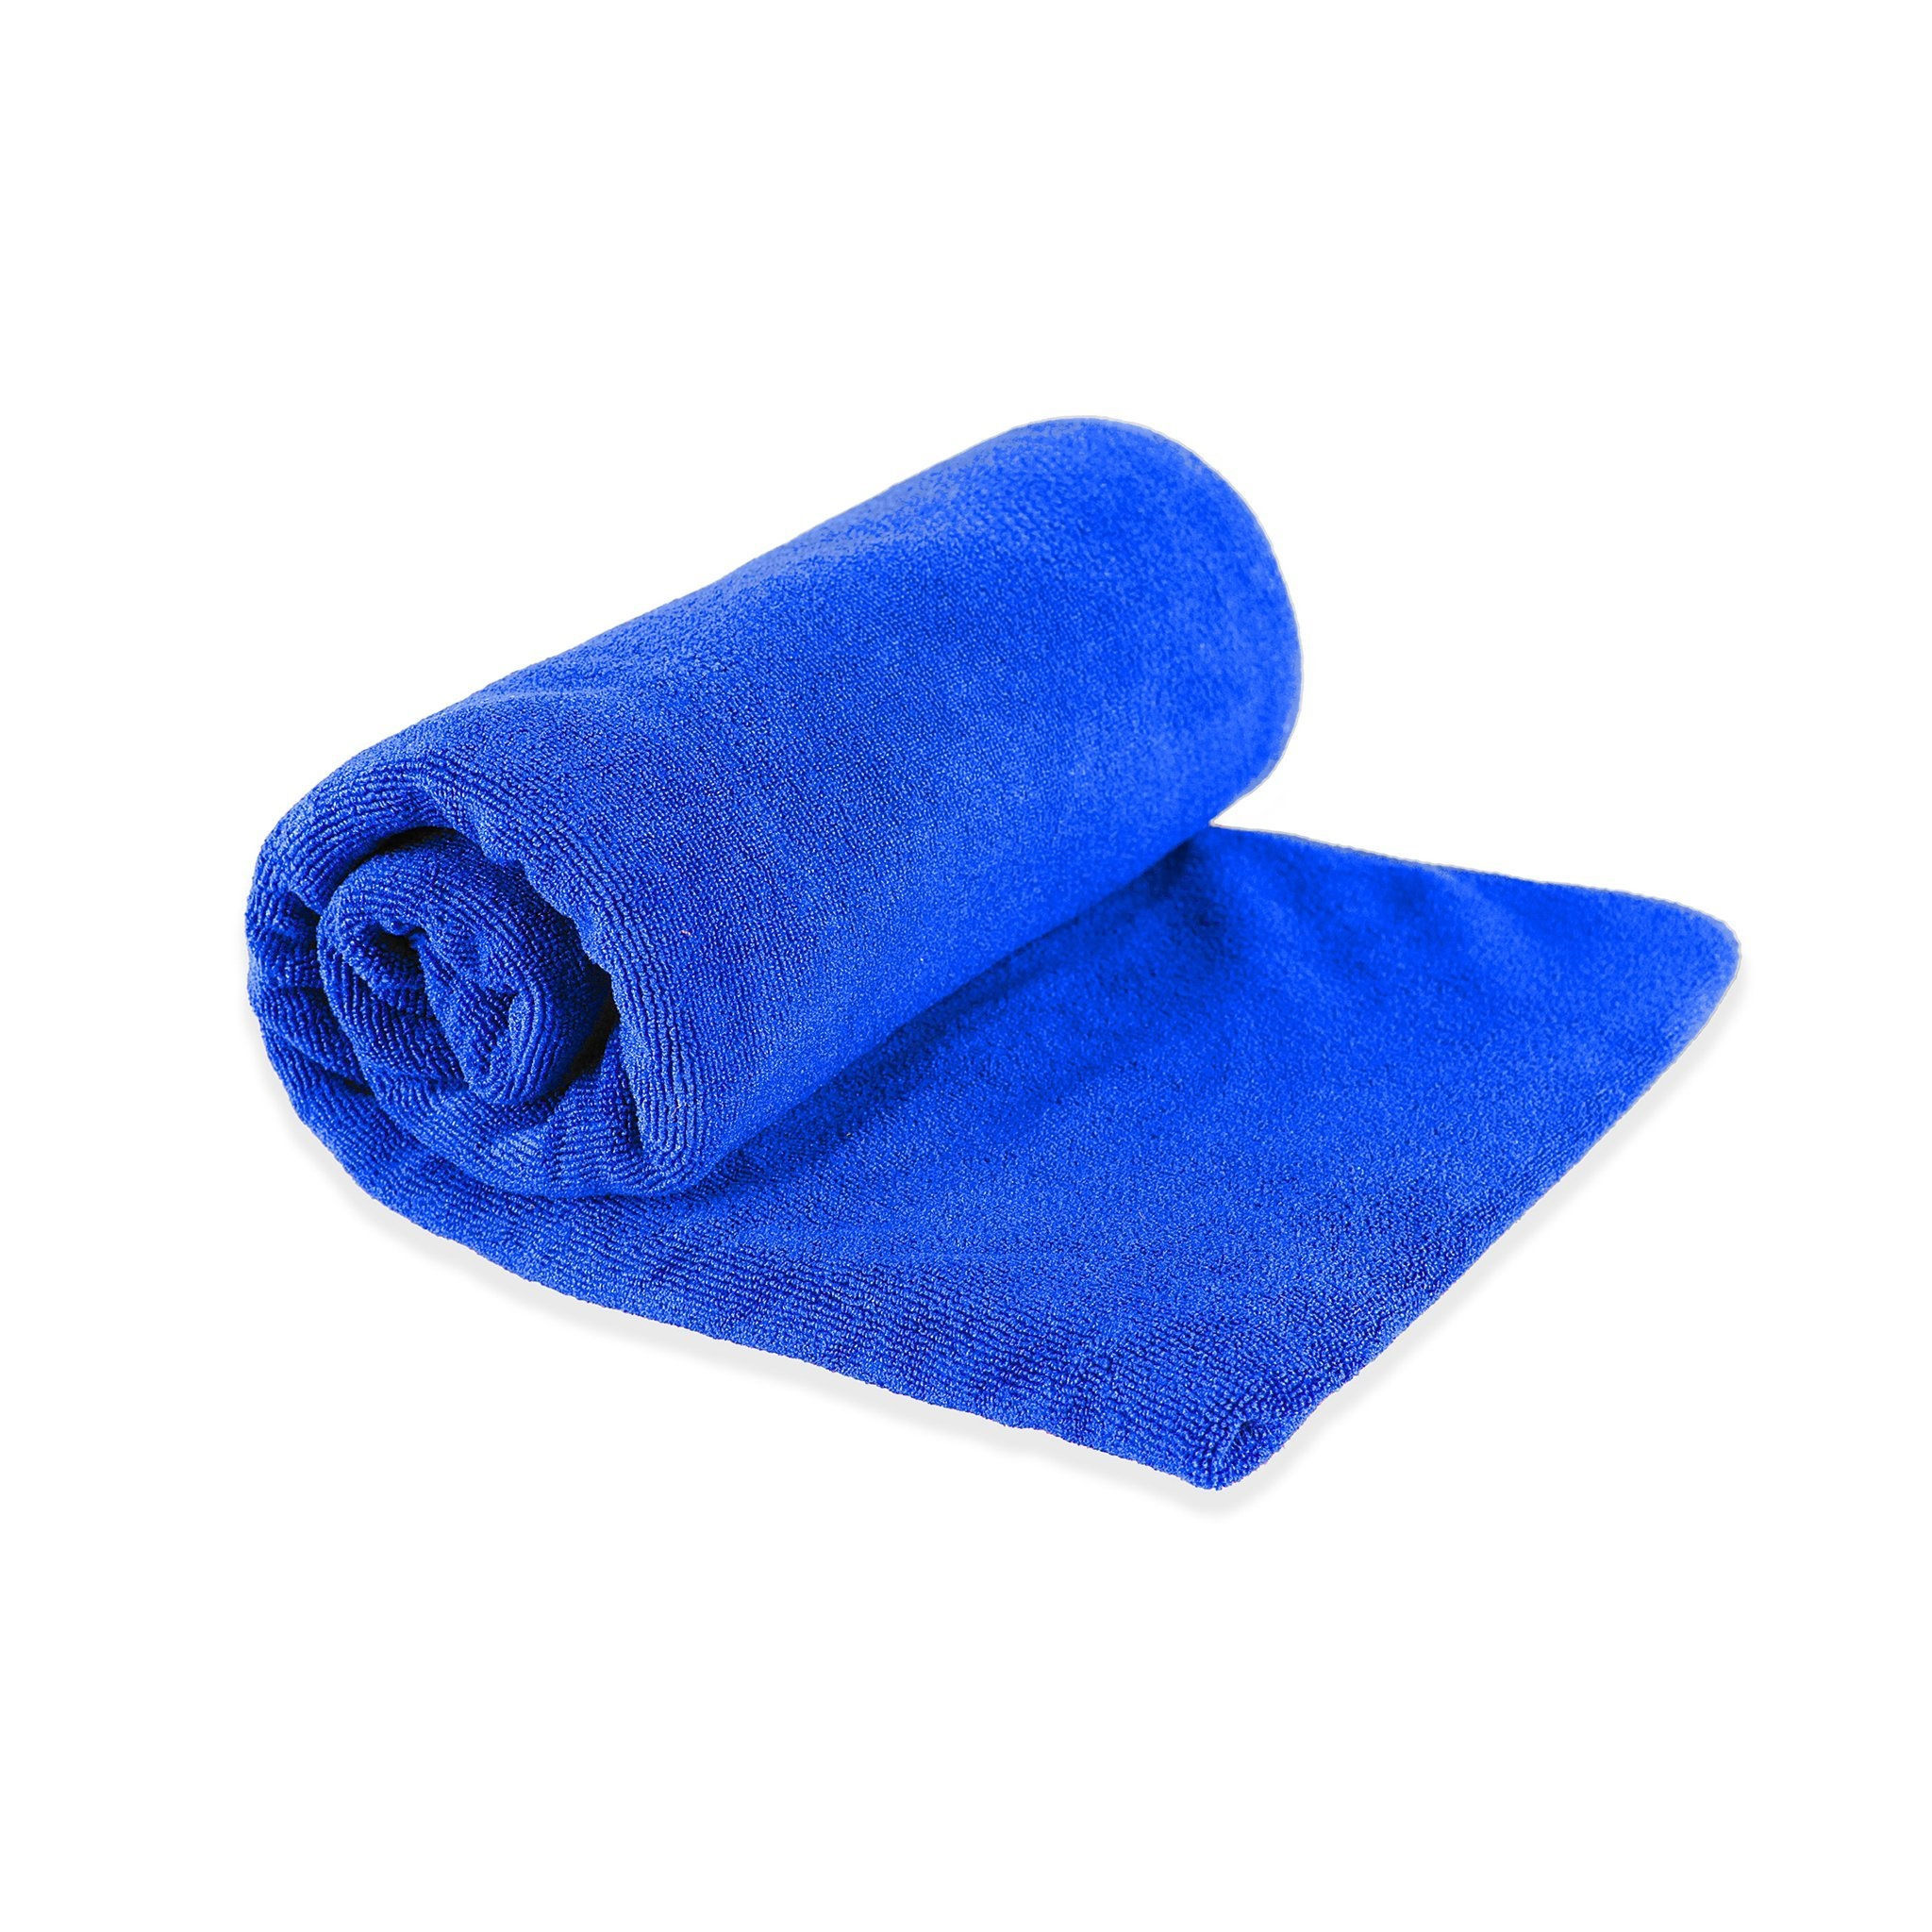 Tek Towel, Medium-3